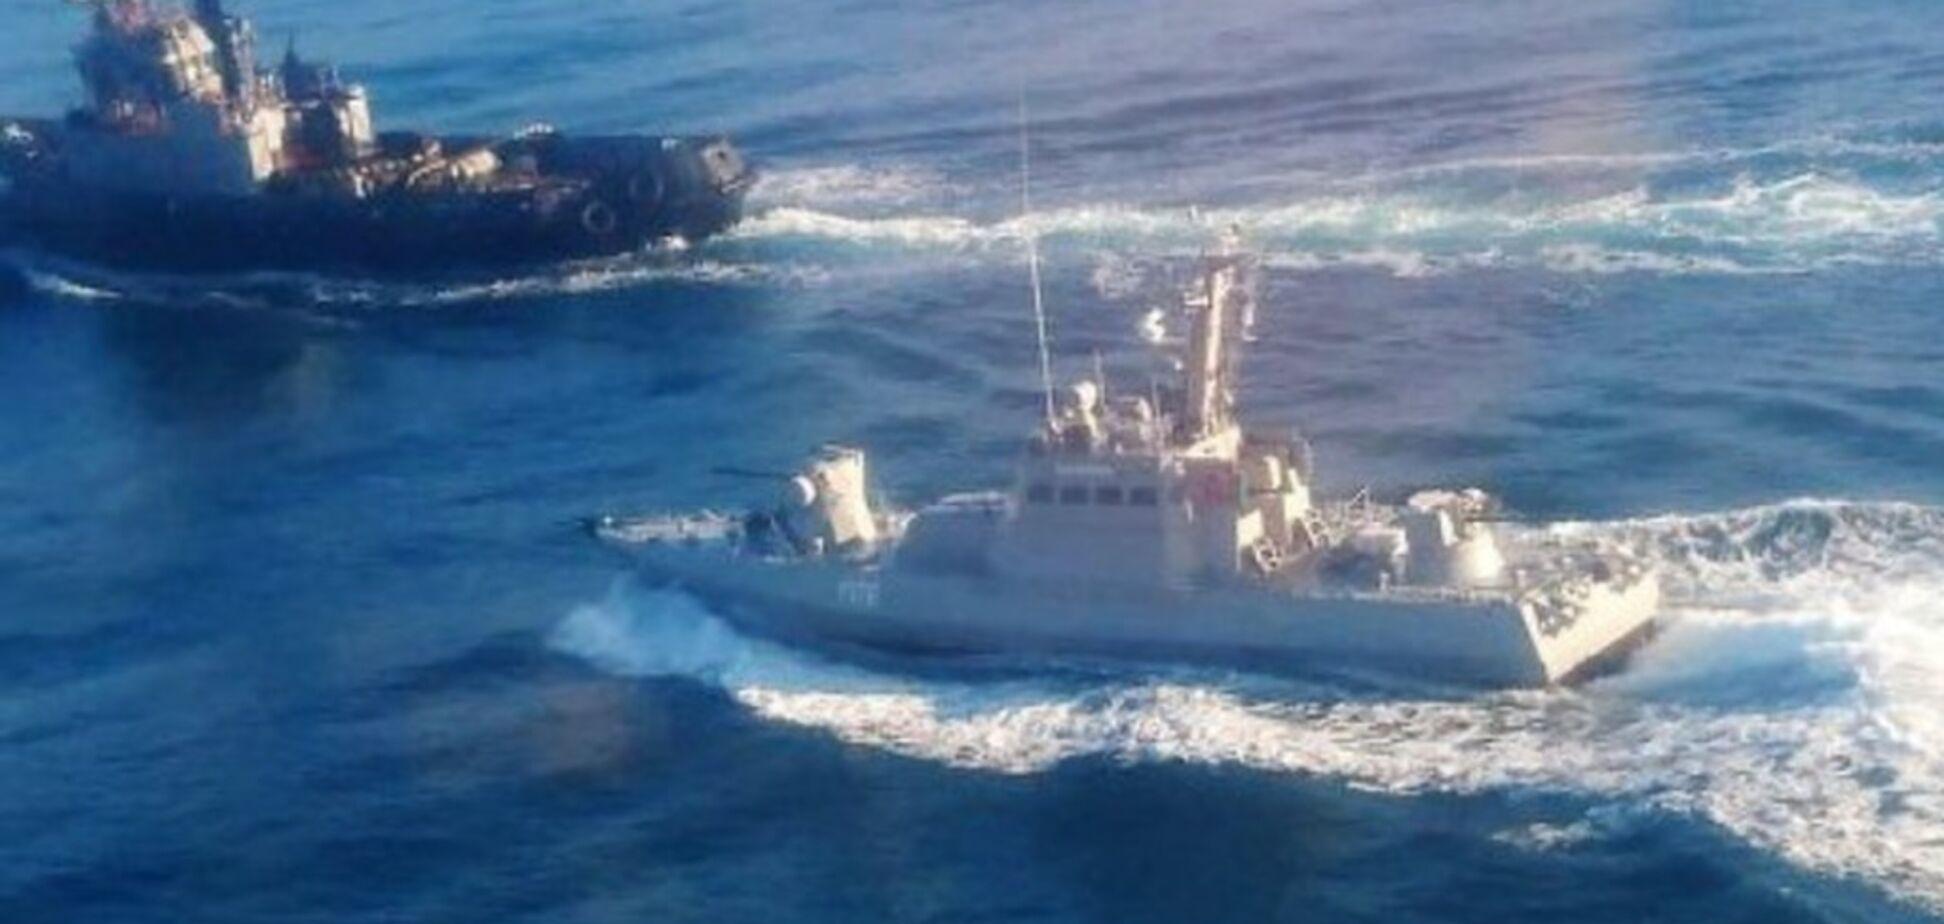 ''Це була засідка'': озвучено підлий план Росії щодо захопленню моряків